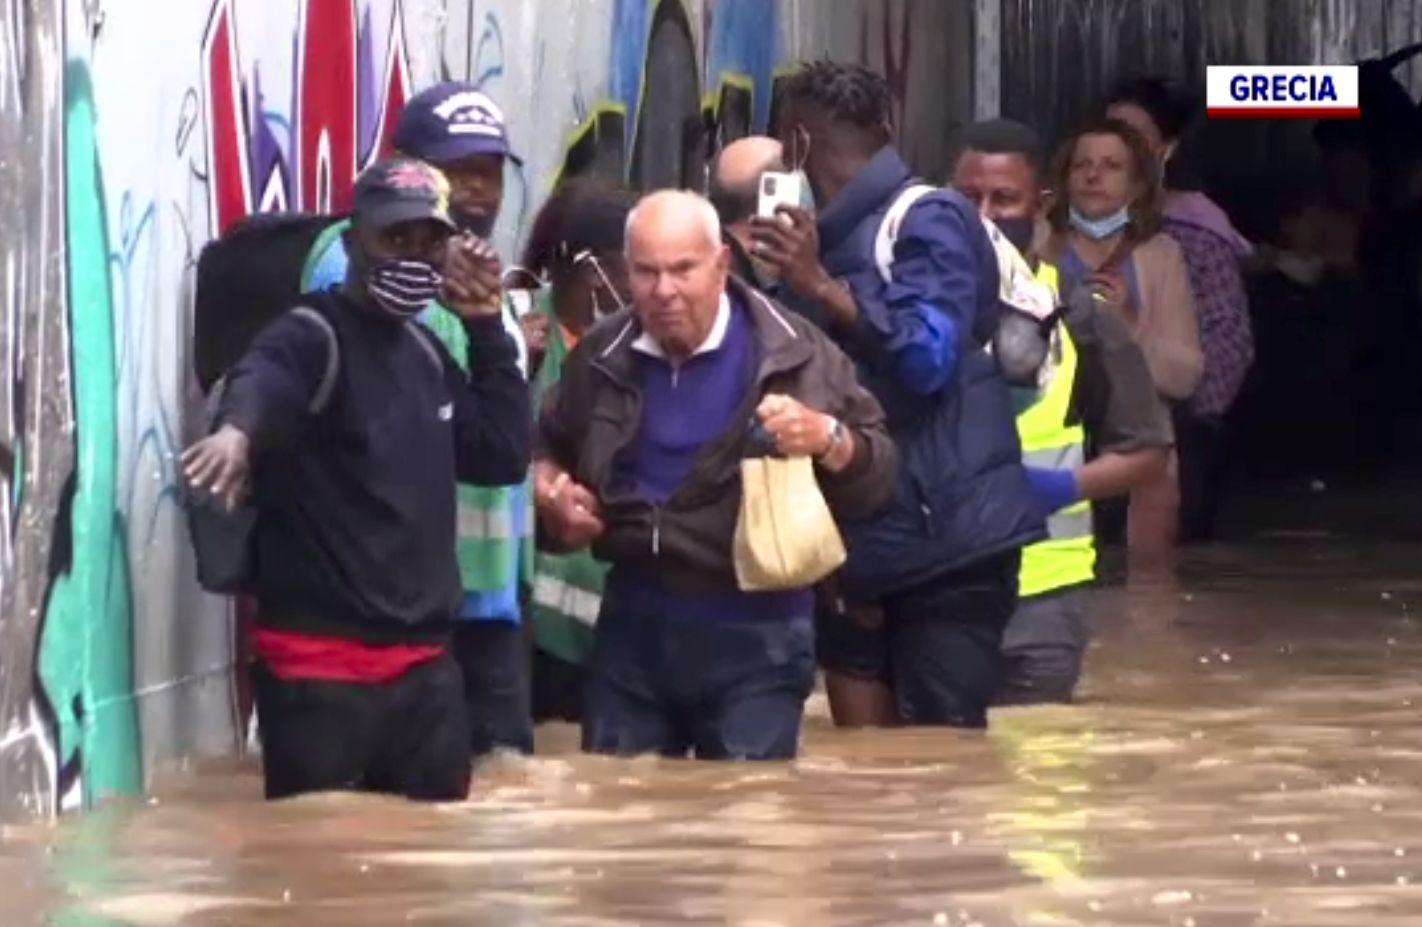 Inundații grave în Bulgaria, Grecia și Italia. S-a emis o avertizare de călătorie